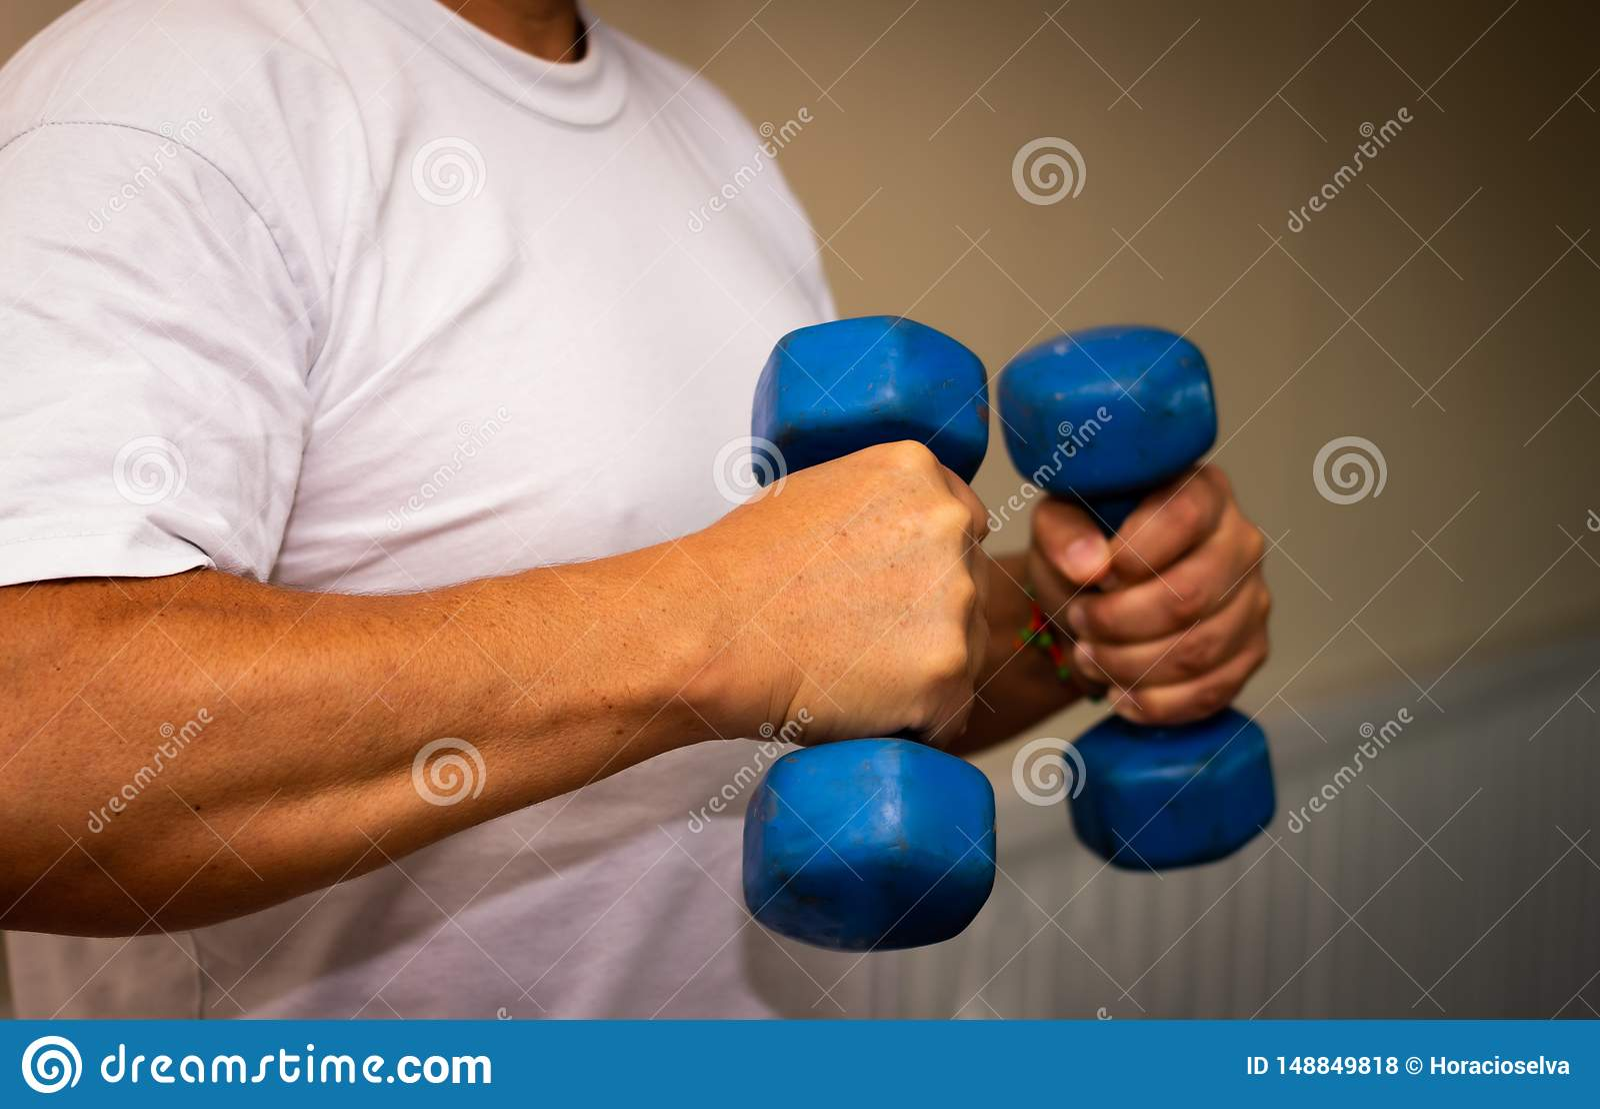 Vuxen man som g?r ?vning i idrottshallen Man med sm? bl?a vikter H?lso- och wellnessbegrepp